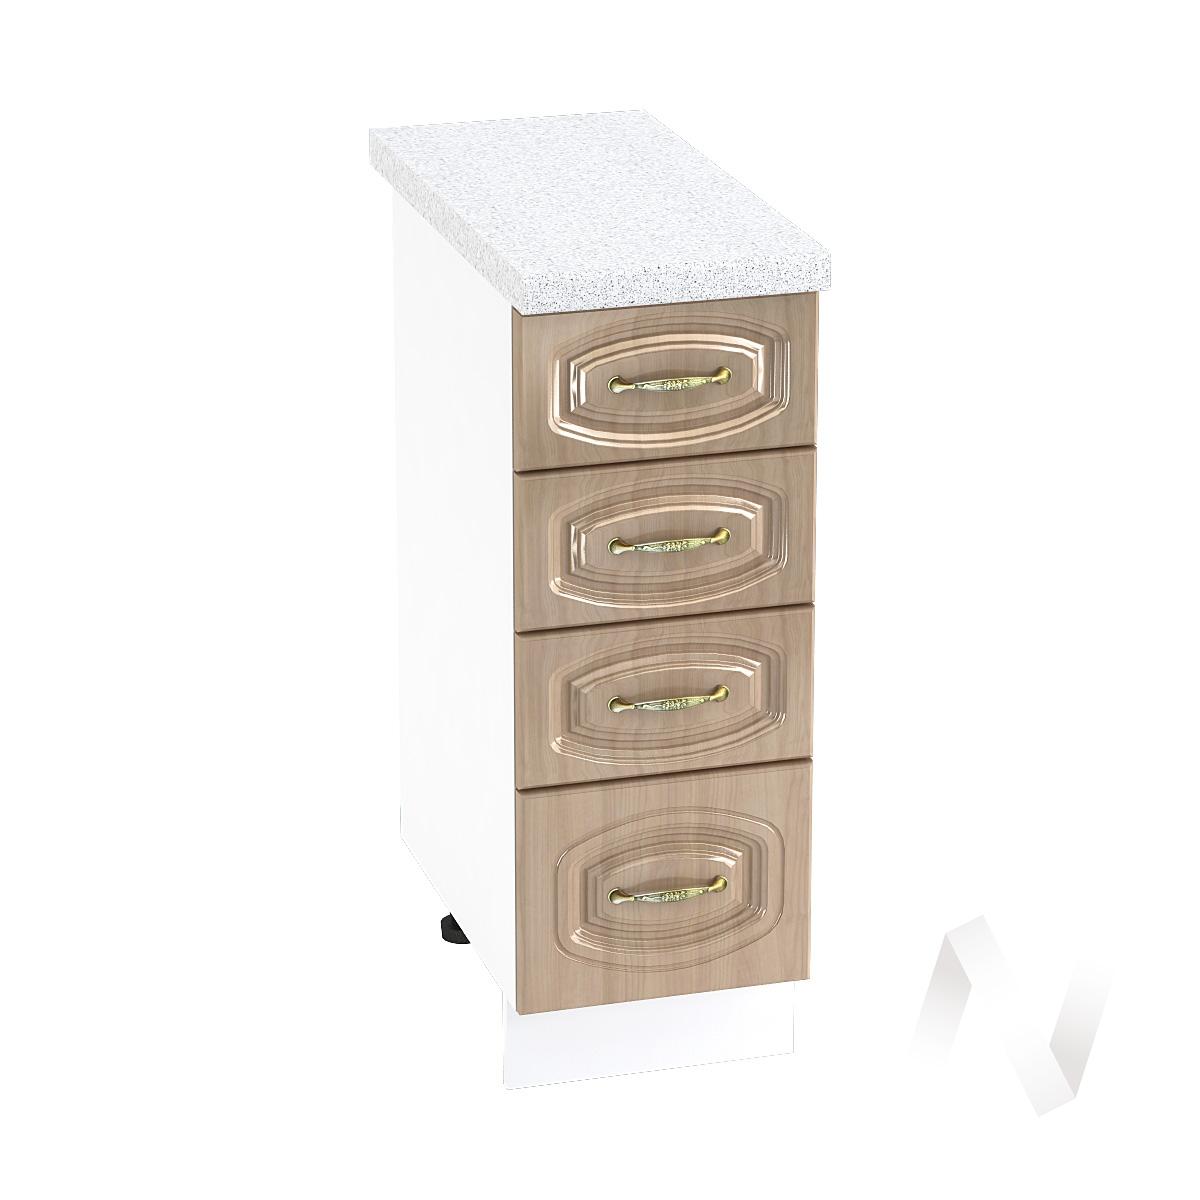 """Кухня """"Сити"""": Шкаф нижний с 4-мя ящиками 300, ШН4Я 300 (корпус белый)"""